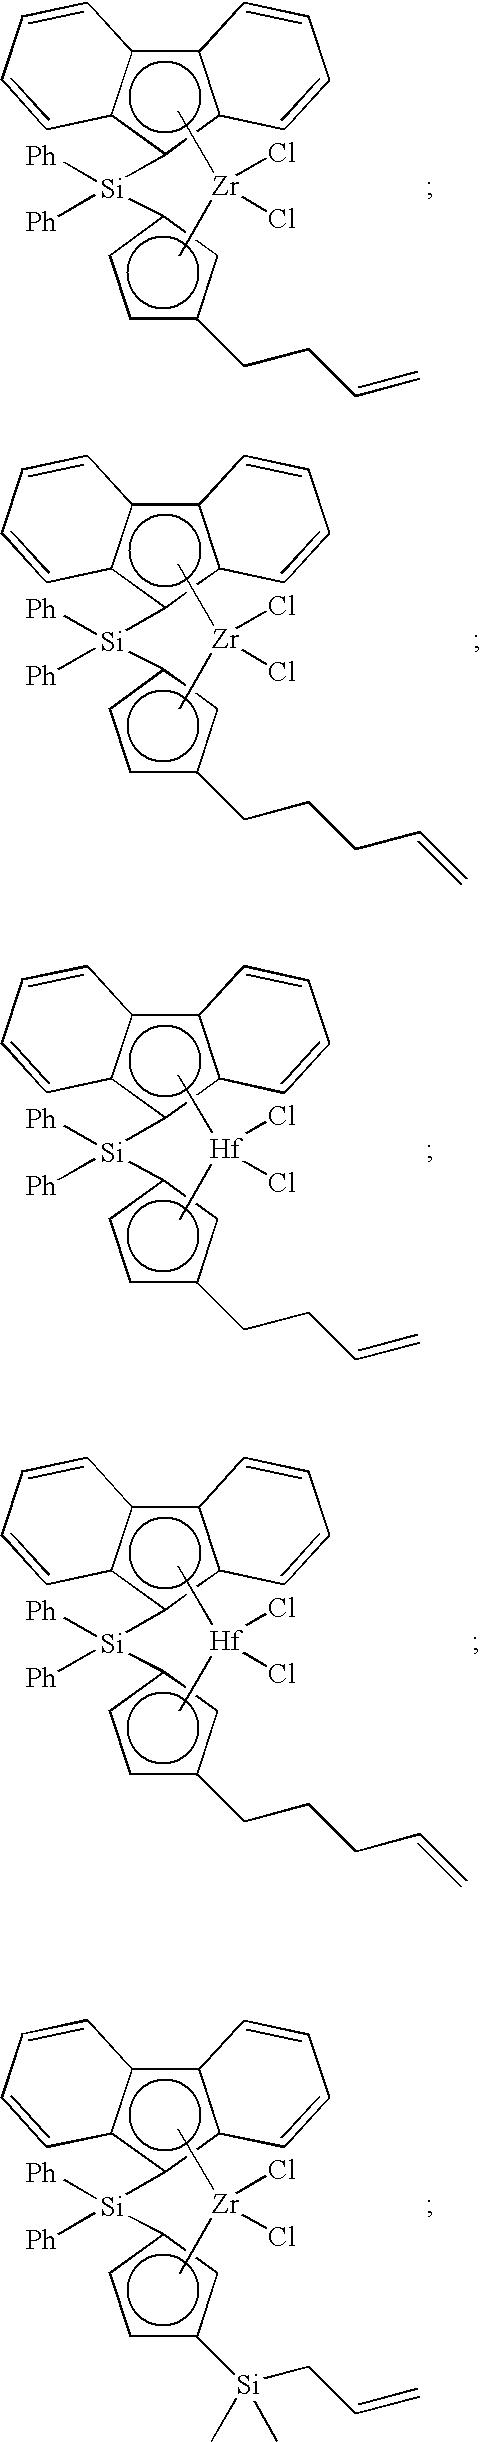 Figure US20100331505A1-20101230-C00016